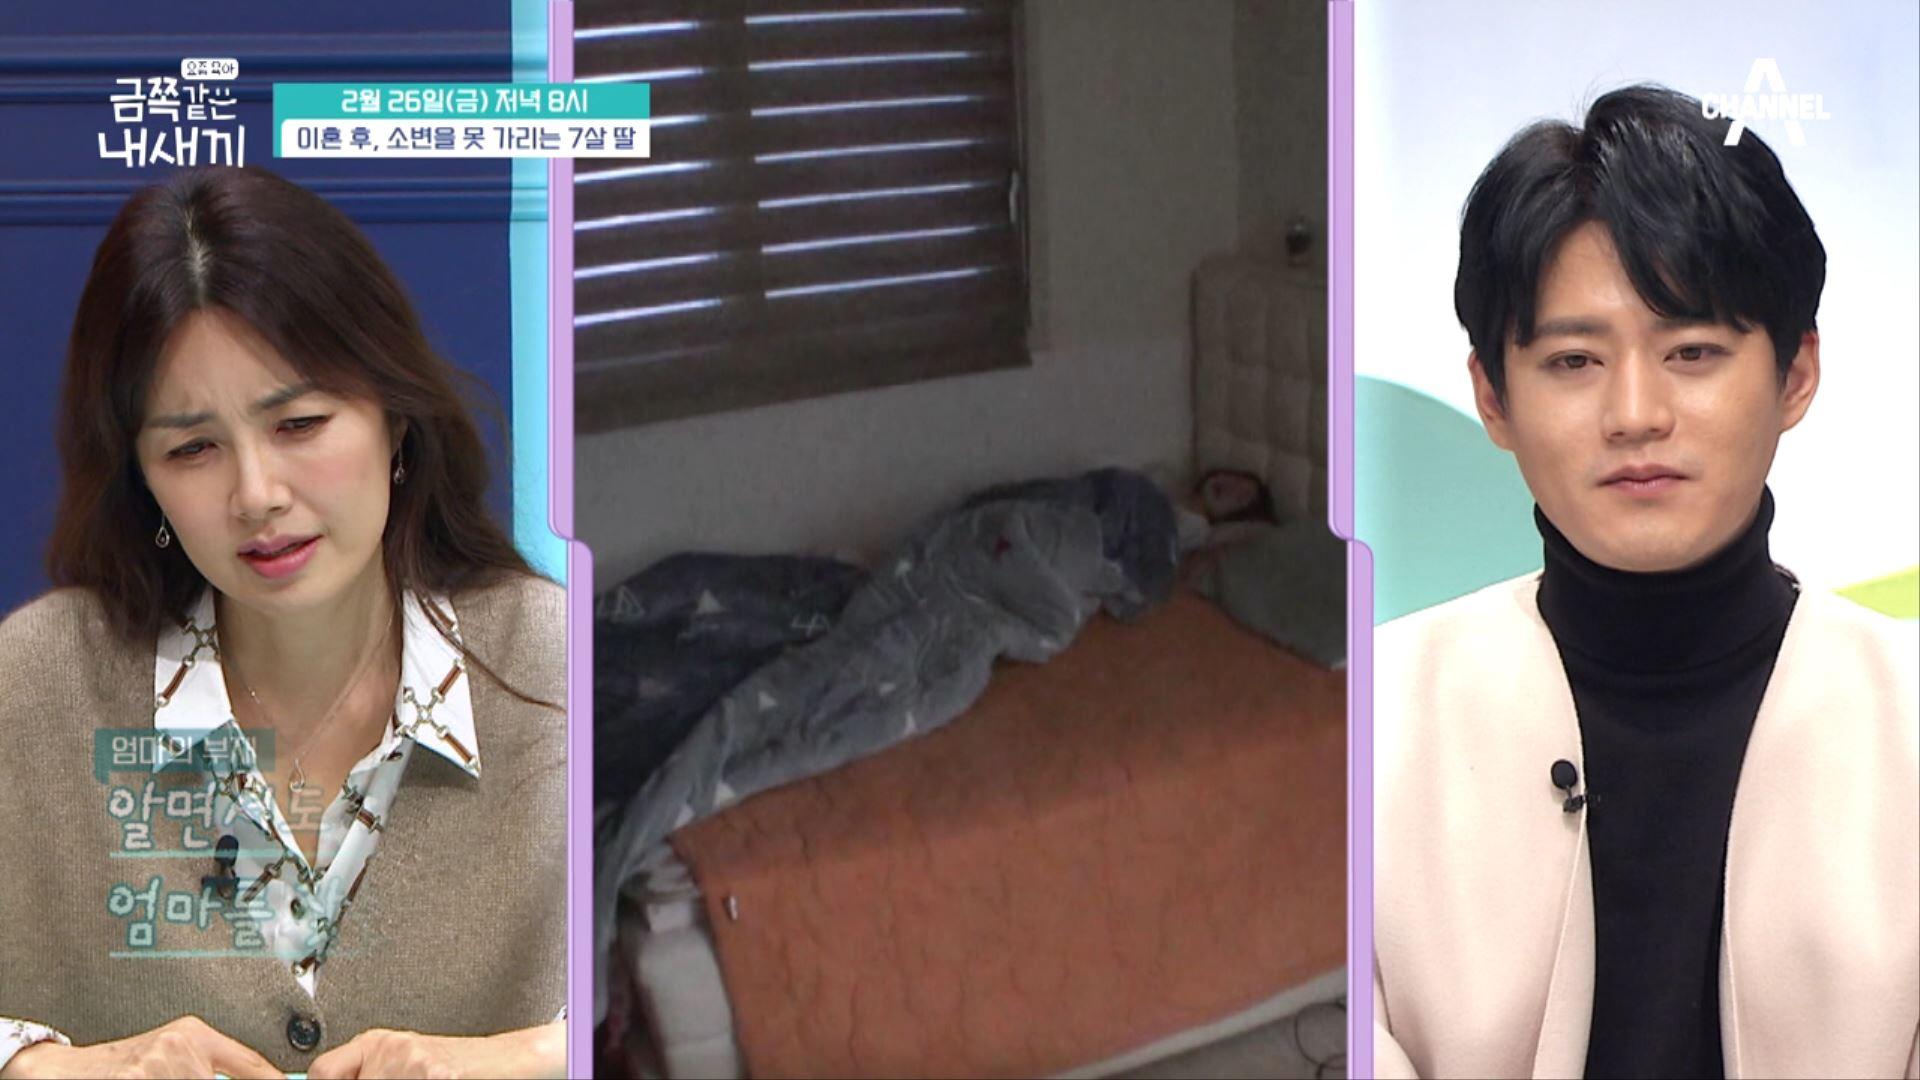 [선공개] 아침에 눈 뜨자마자 엄마를 찾으며 우는 금쪽....